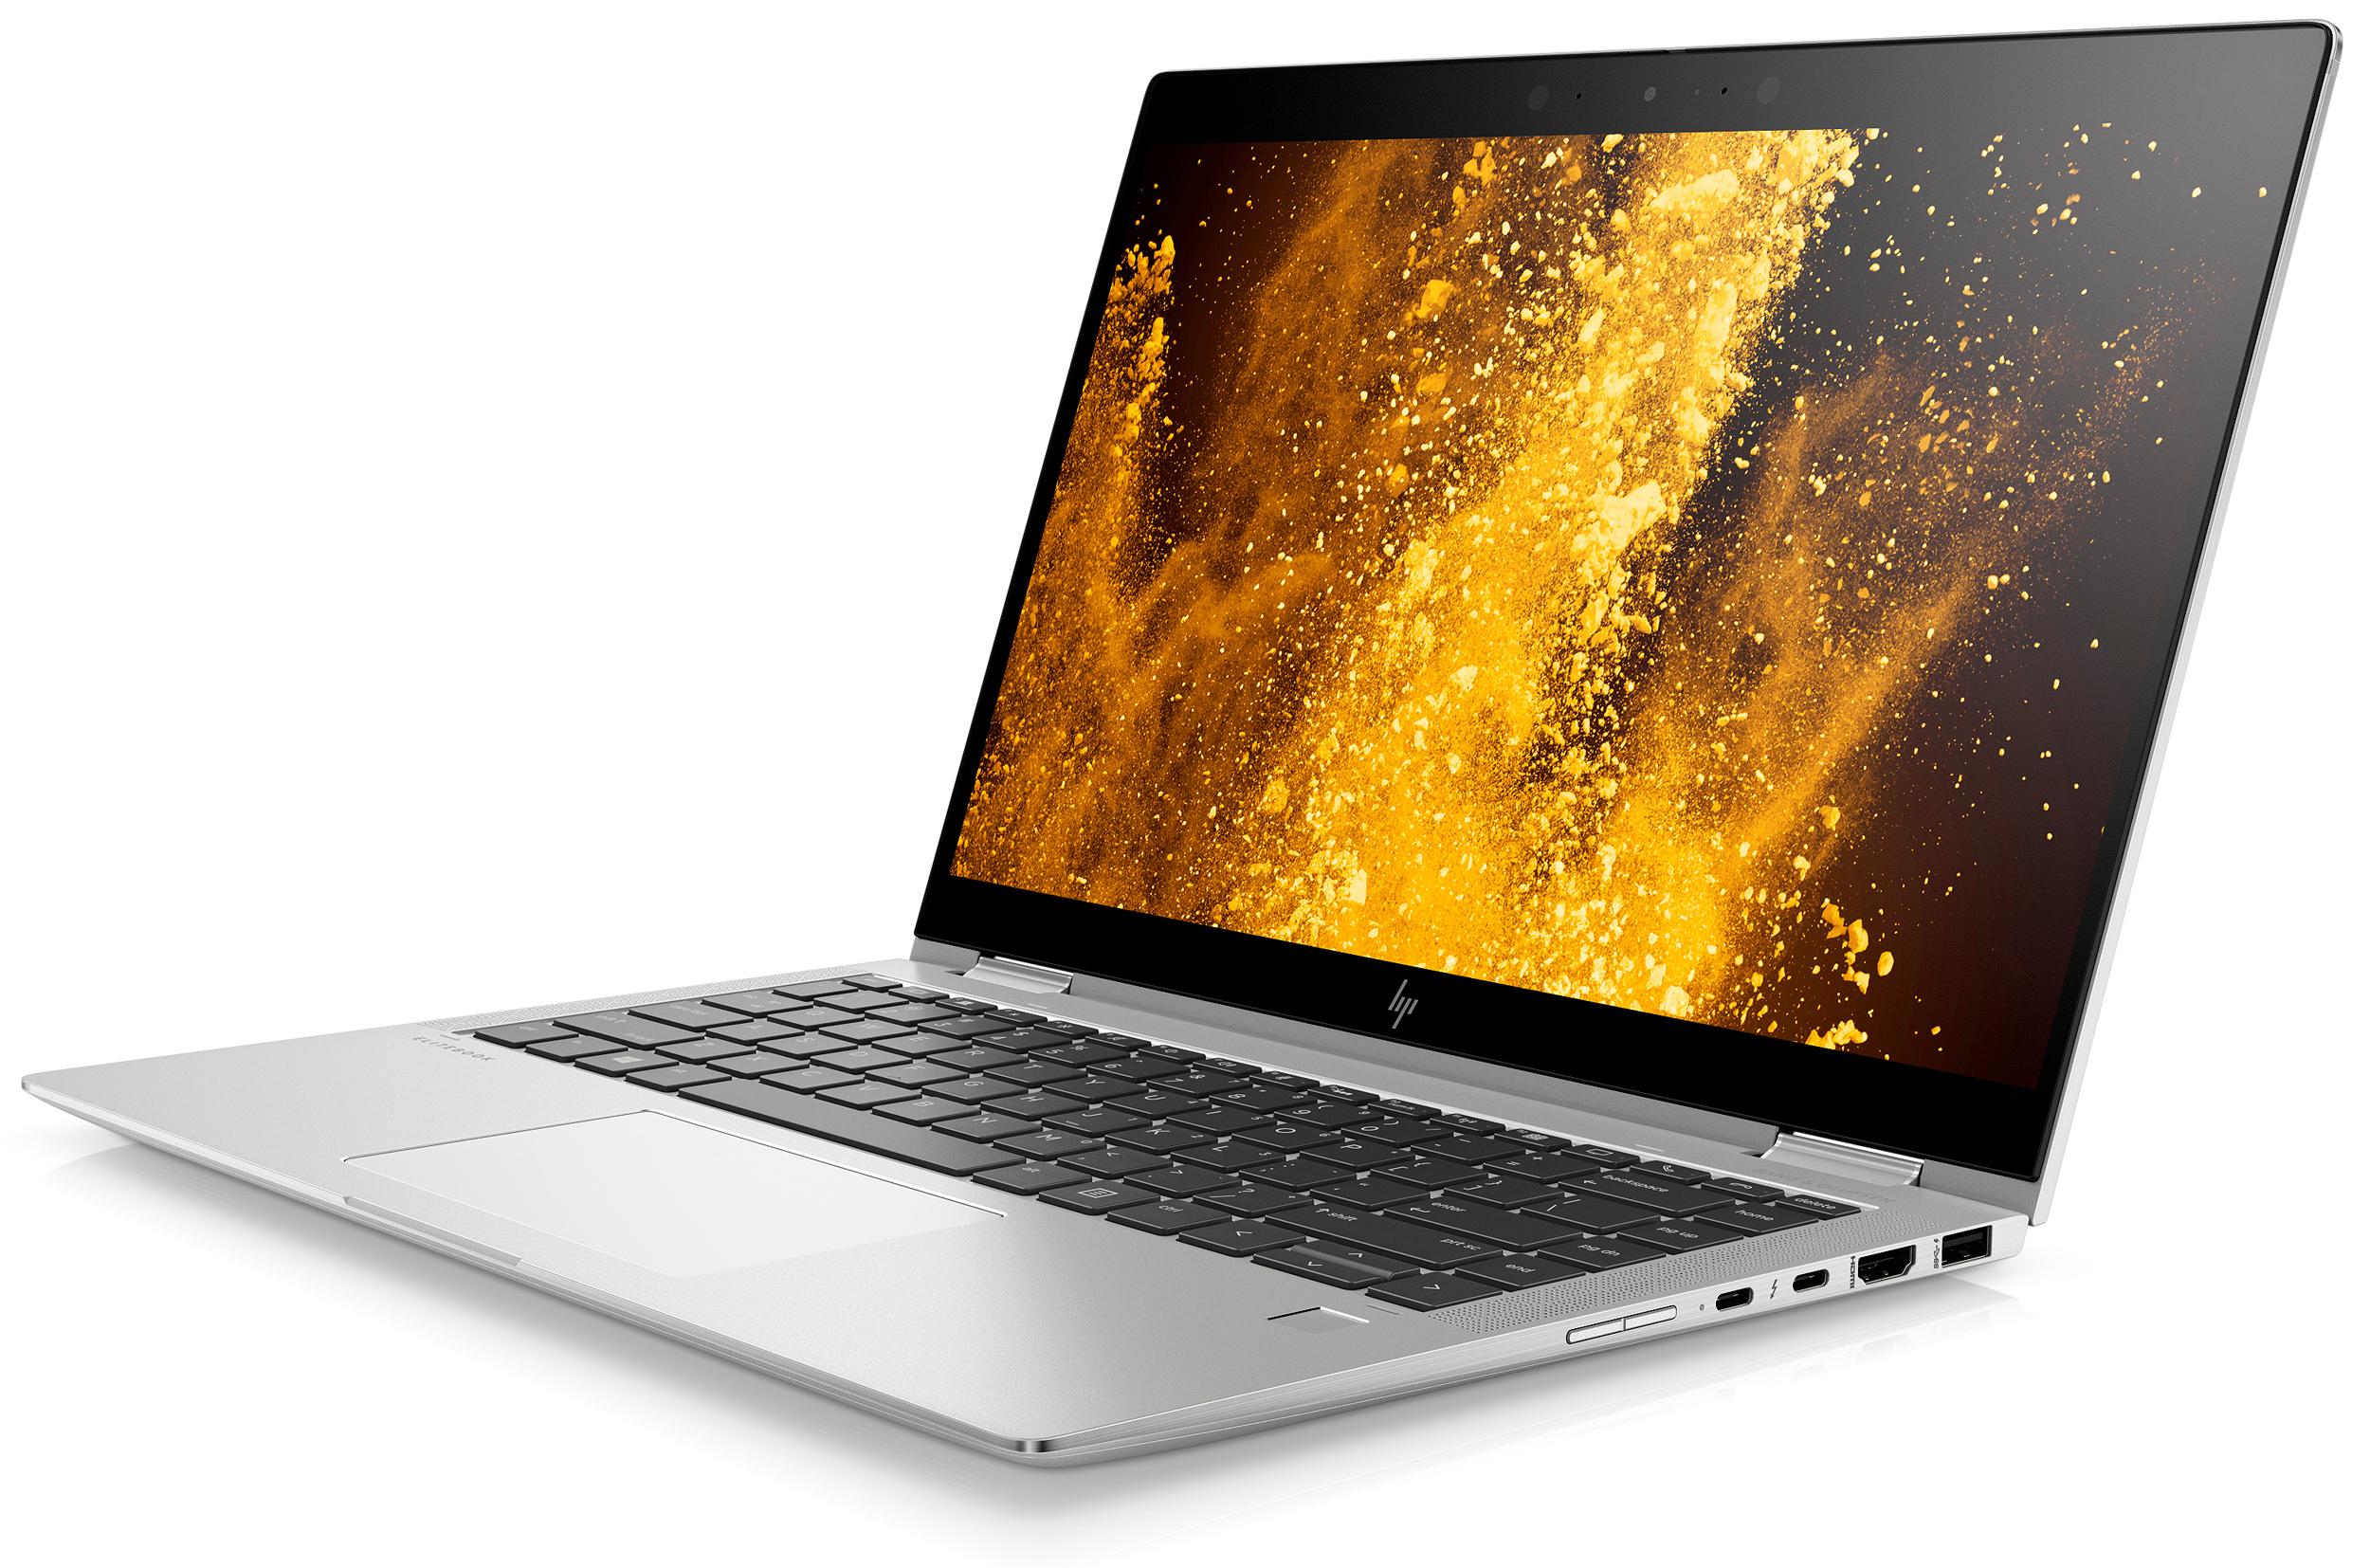 Máy tính xách tay HP EliteBook x360 1040 G6 6QH36AV